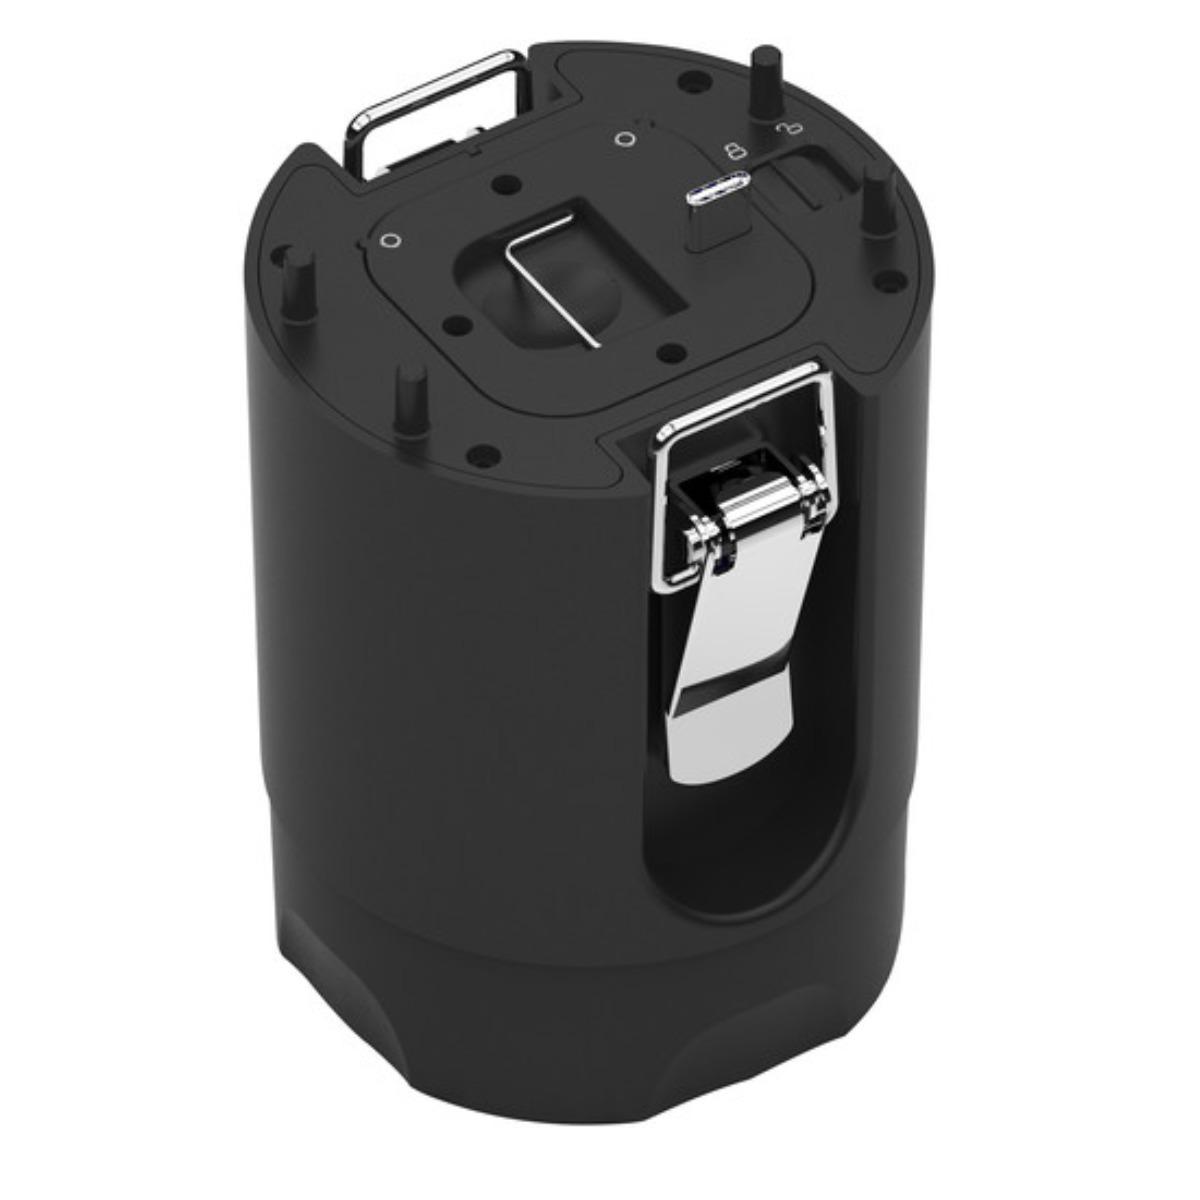 Z CAM S1 battery unit 3/4 view